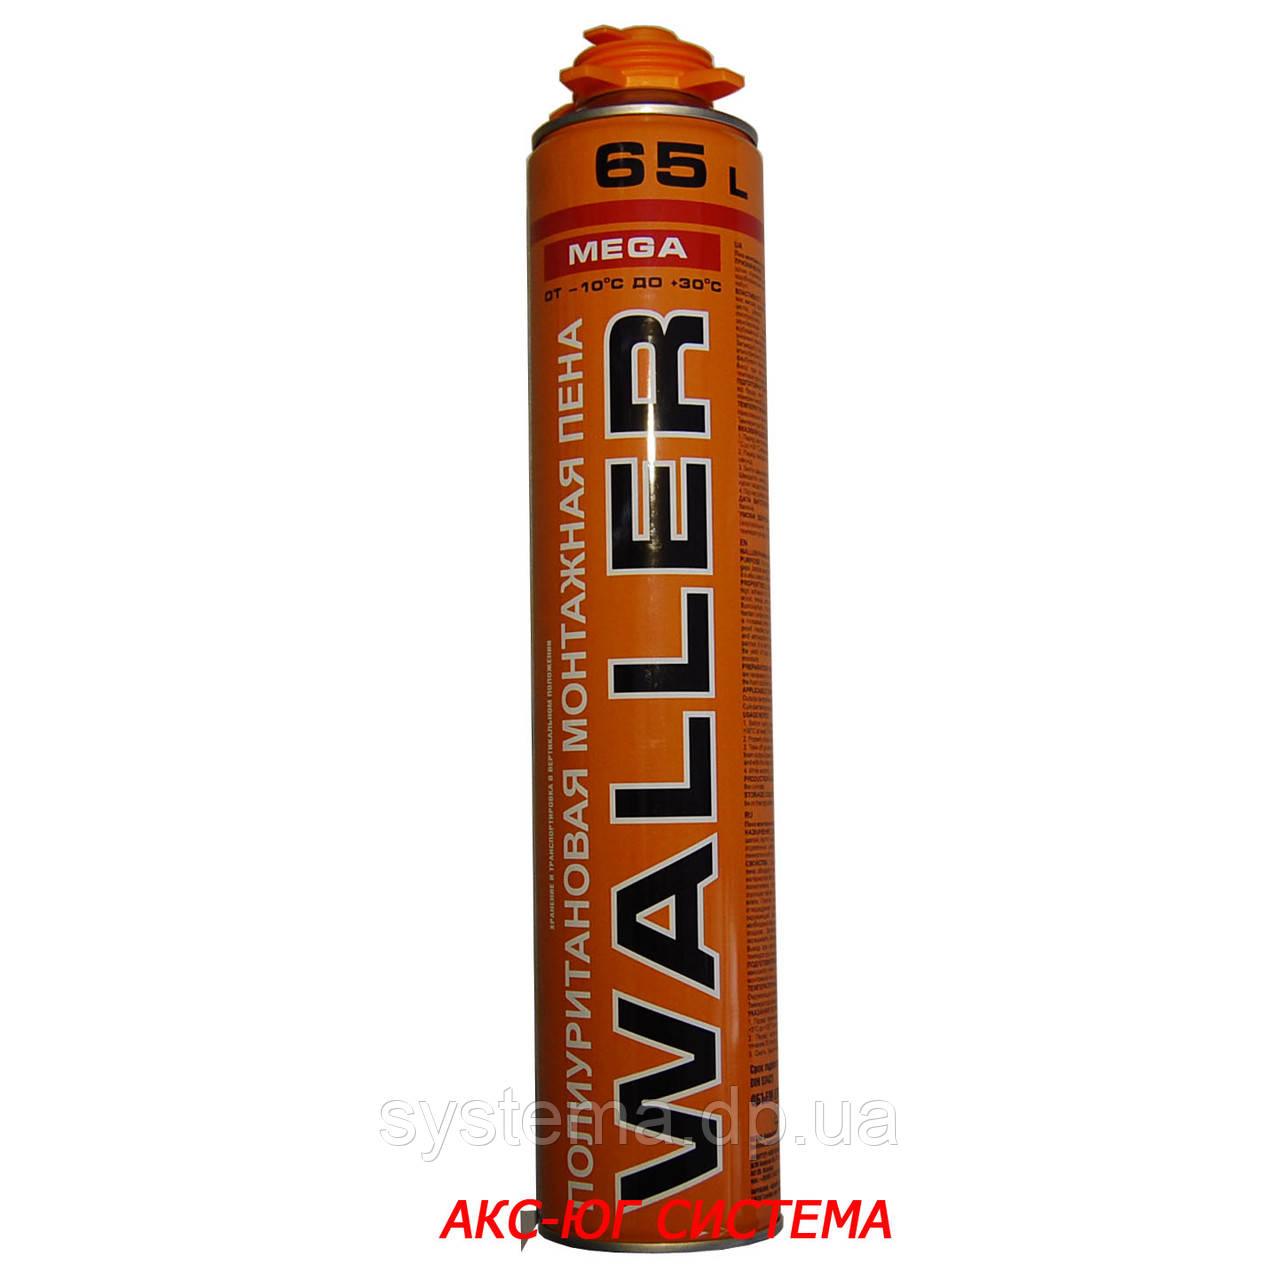 Пена монтажная профессиональная WALLER MEGA, всесезонная, применение от -10ºС  до +30ºС, 65 л, 875 мл